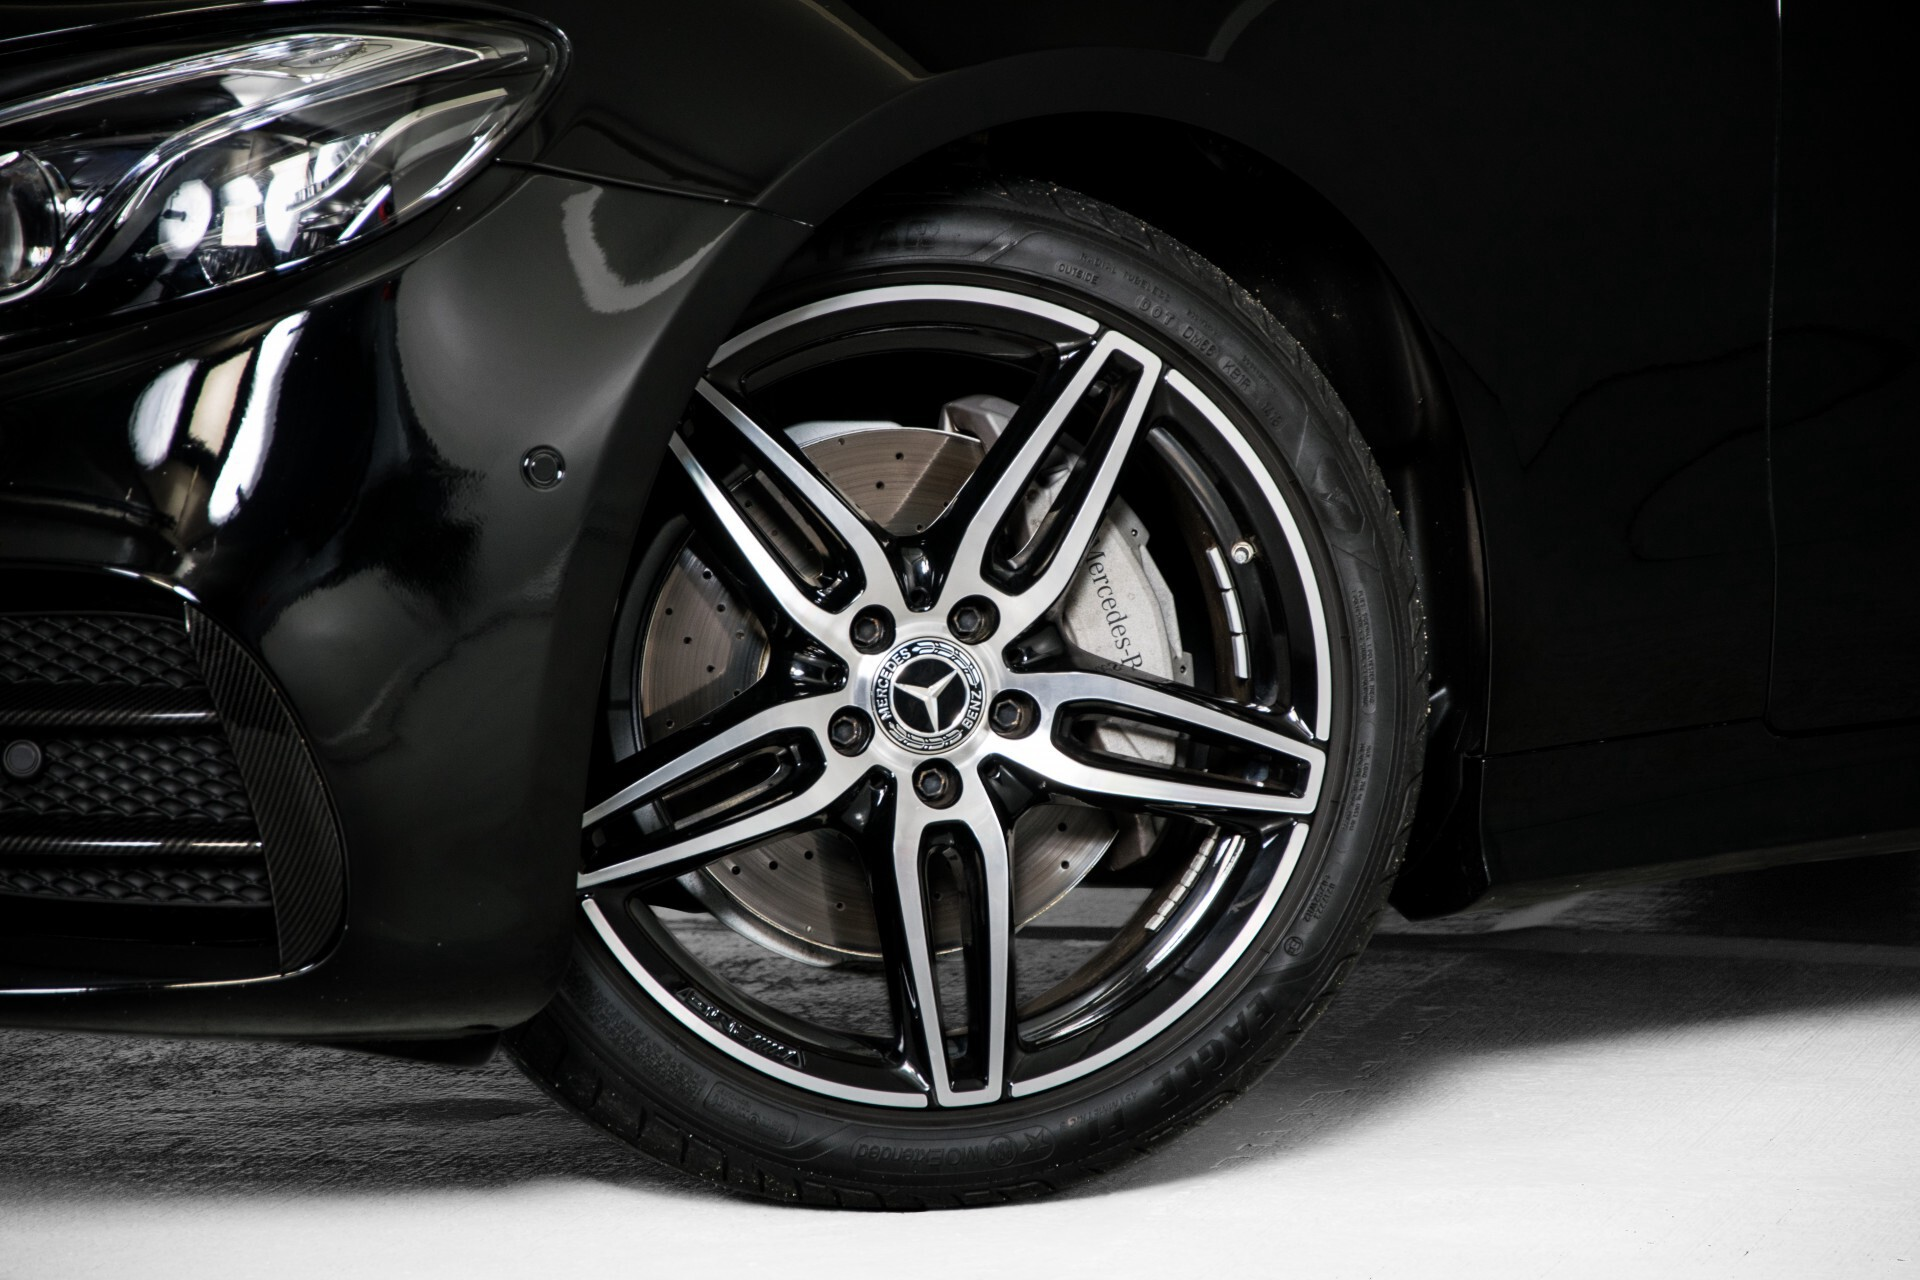 Mercedes-Benz E-Klasse Coupé 200 AMG Panorama/Night/Carbon/Premium/Widescreen/ILS Aut9 Foto 58